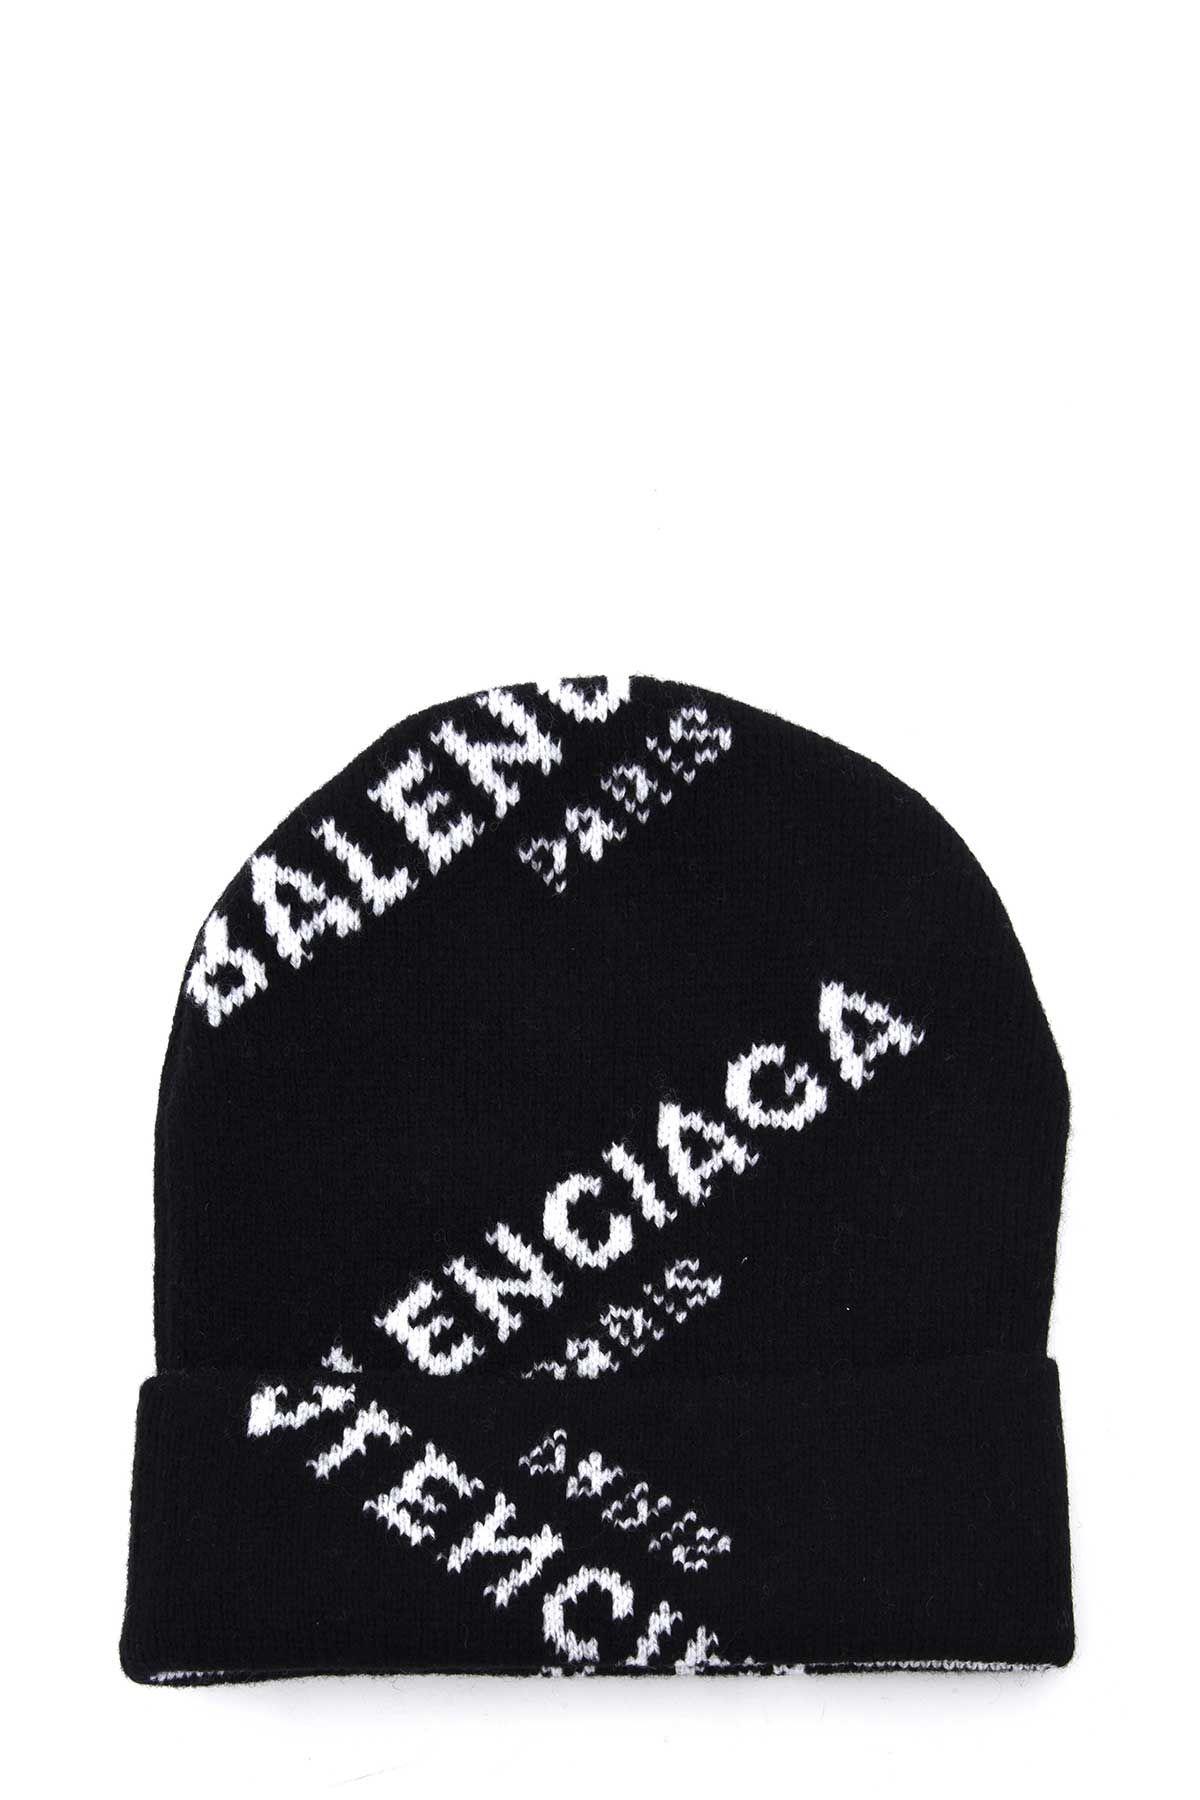 Balenciaga Wool Cap With Logo